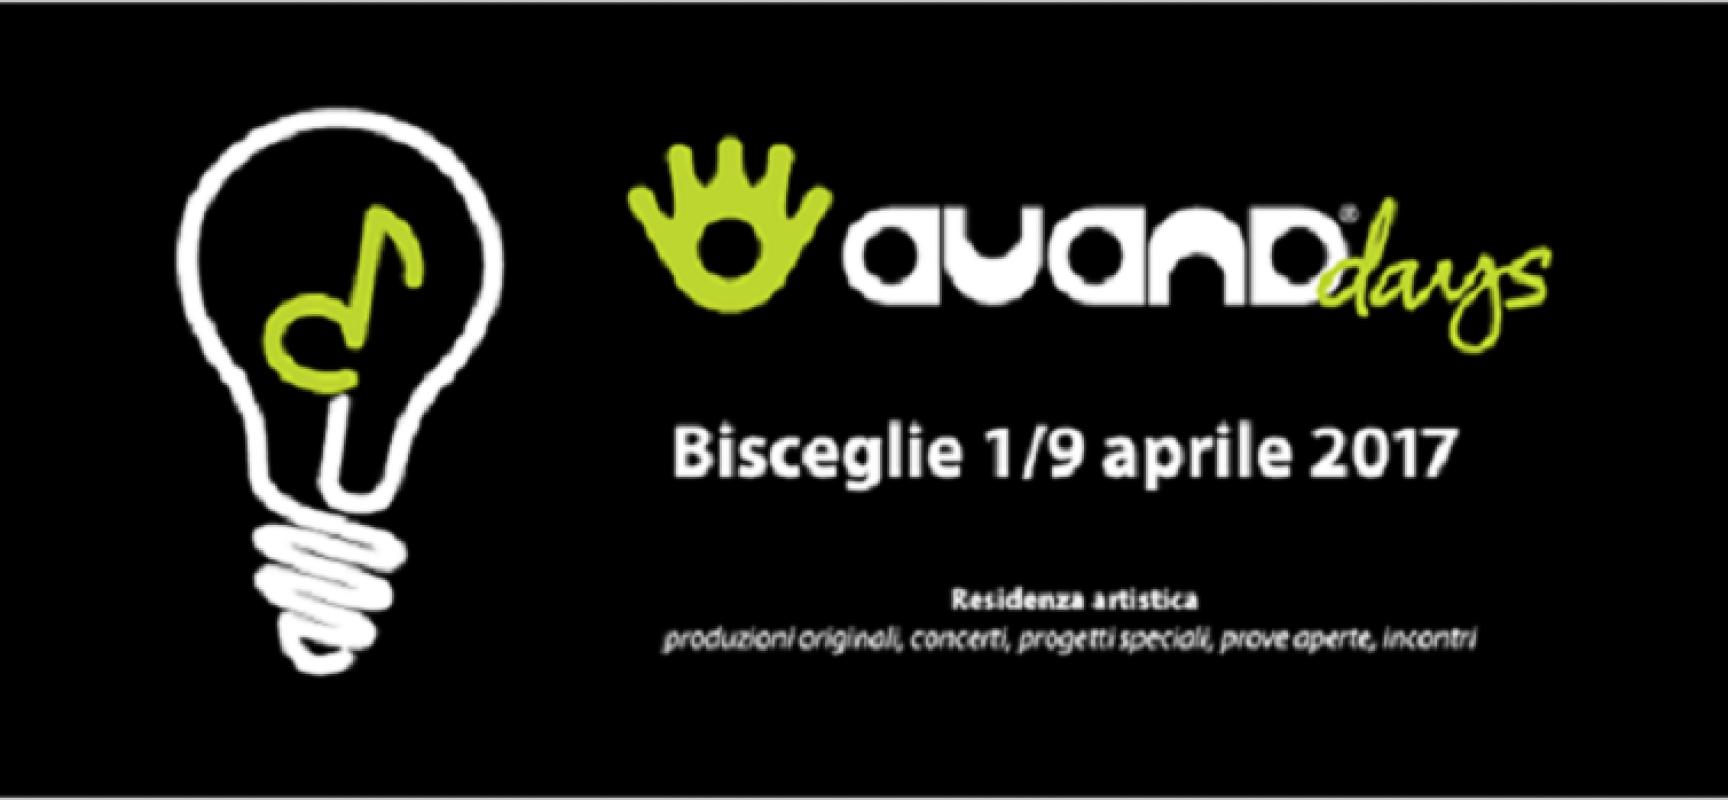 """""""Talking 15"""", questa sera il prologo di """"Auand Days"""" a Palazzo Tupputi / PROGRAMMA"""